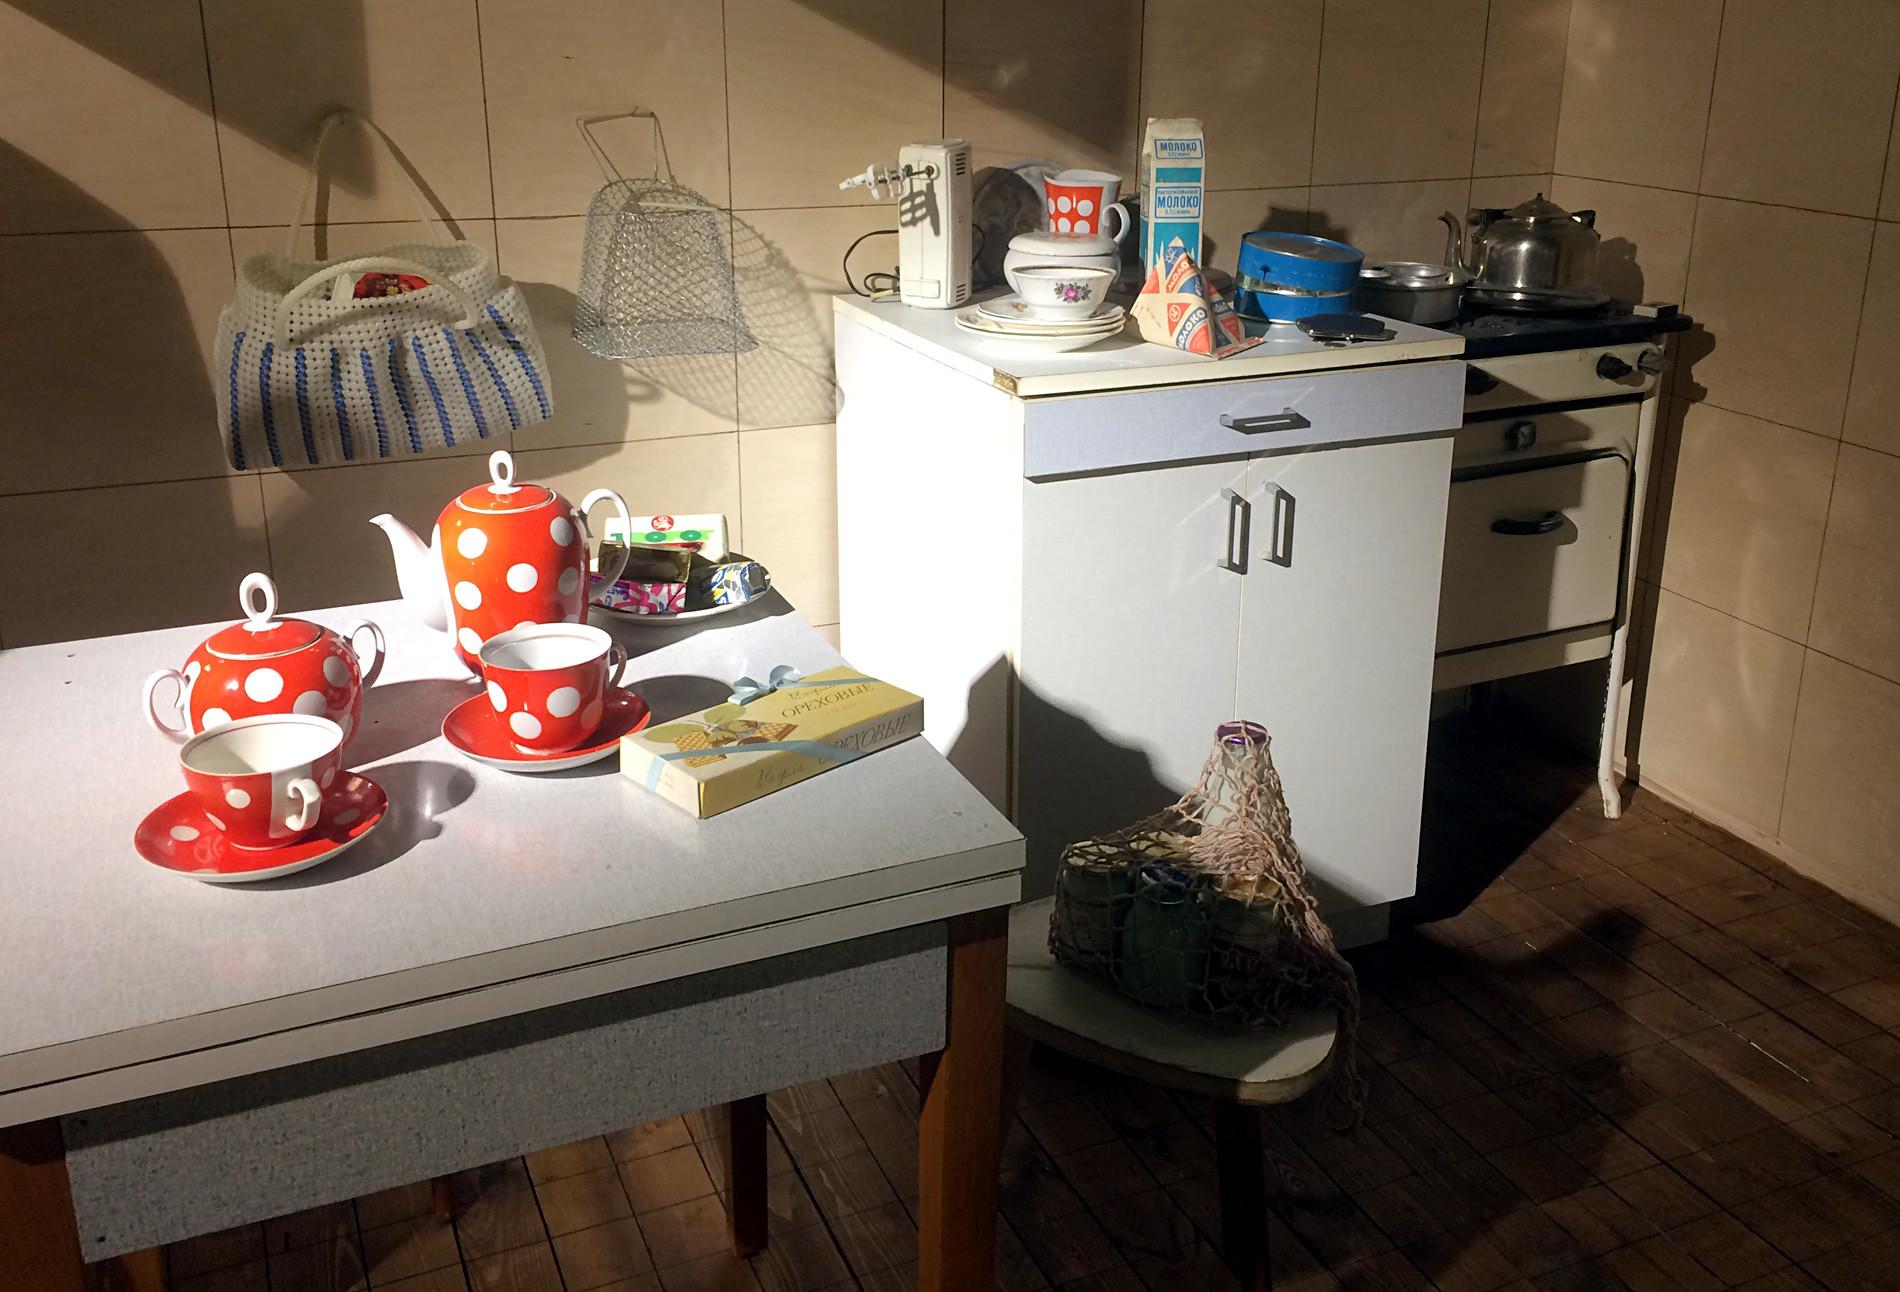 Kuhinja iz 70. let 20. stoletja. Na mizi tipični čajni servis, ki ste ga našli po vsej Sovjetski zvezi, na hladilniku sovjetsko mleko v trikotni embalaži, na tleh pa